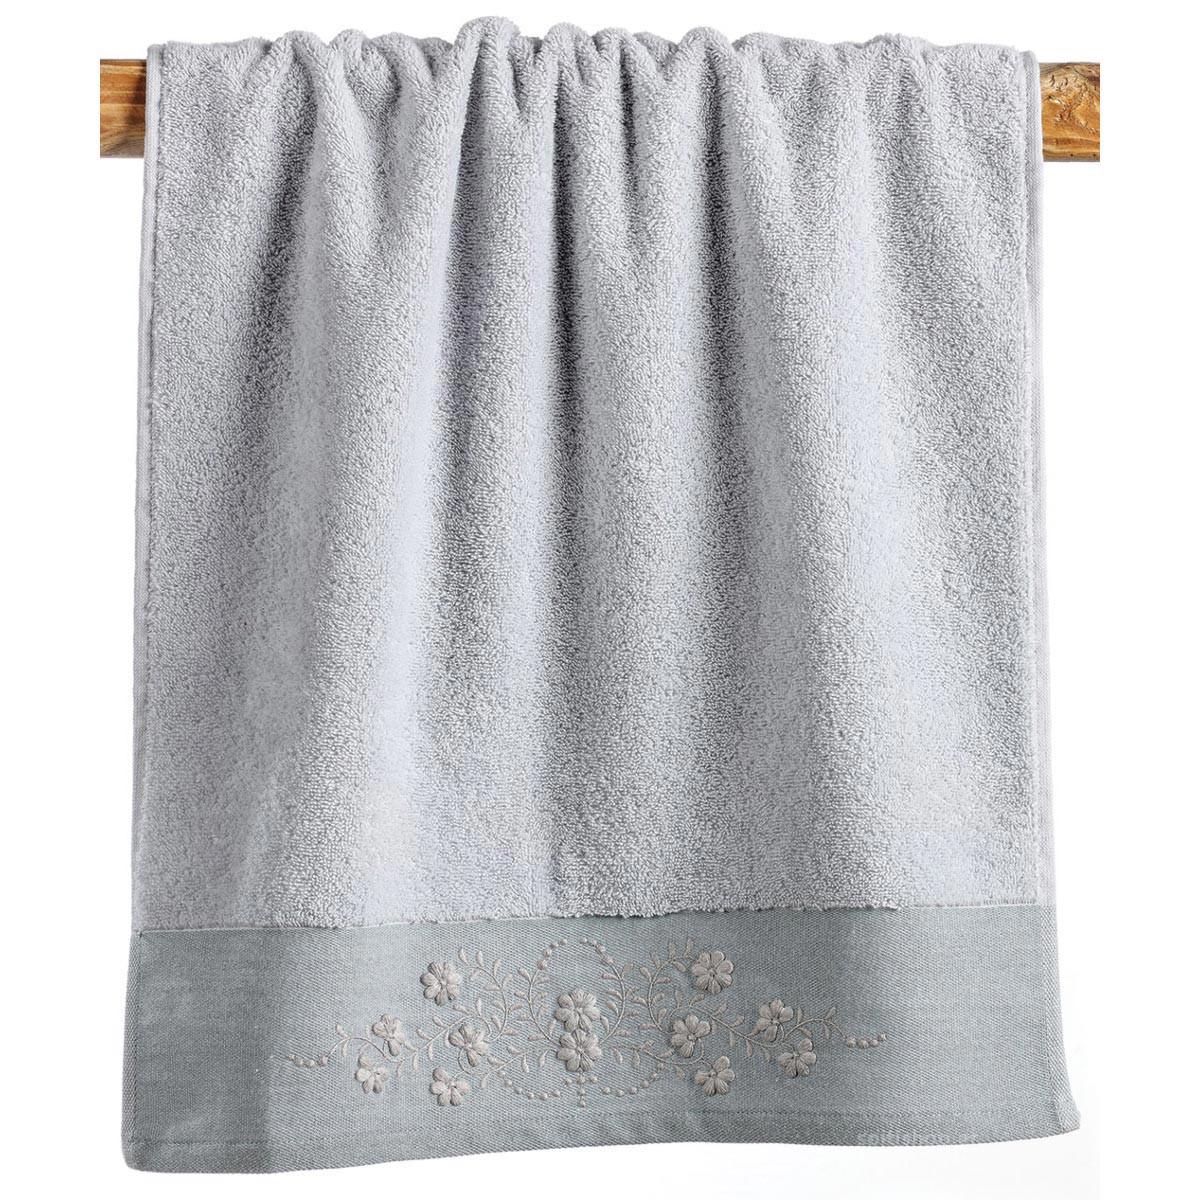 Πετσέτες Μπάνιου (Σετ 3τμχ) Kentia Bath Morena 22